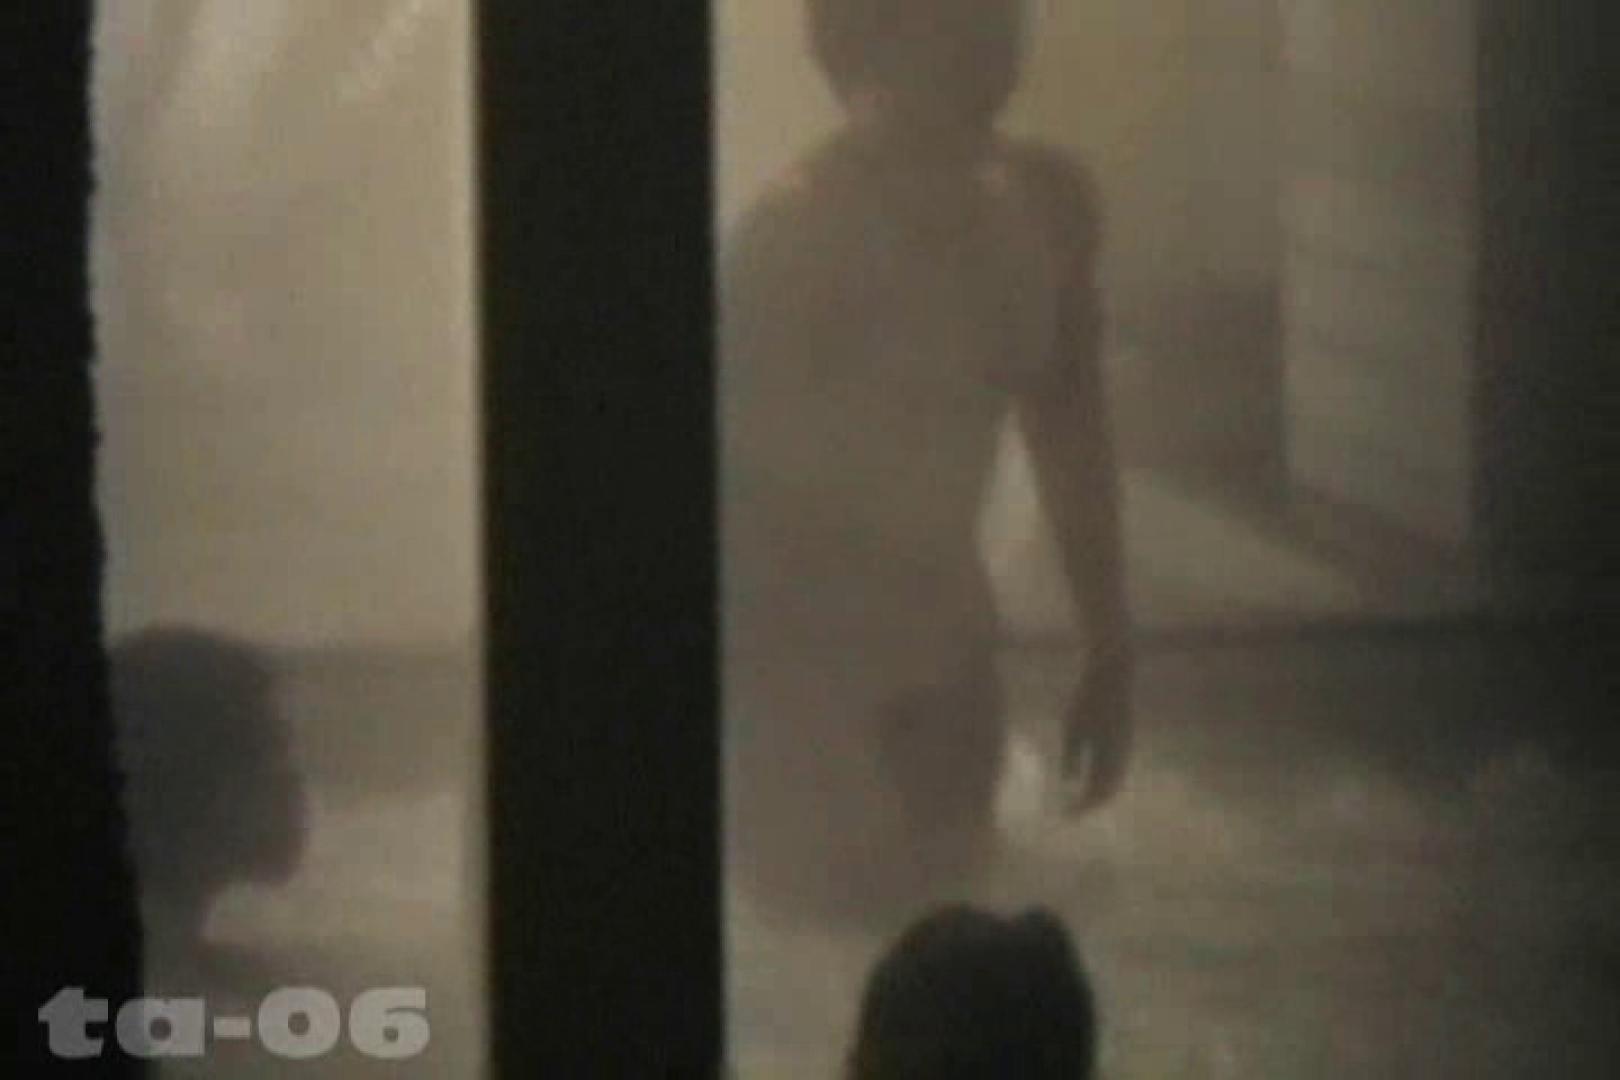 合宿ホテル女風呂盗撮高画質版 Vol.06 盗撮 盗み撮り動画キャプチャ 87枚 45